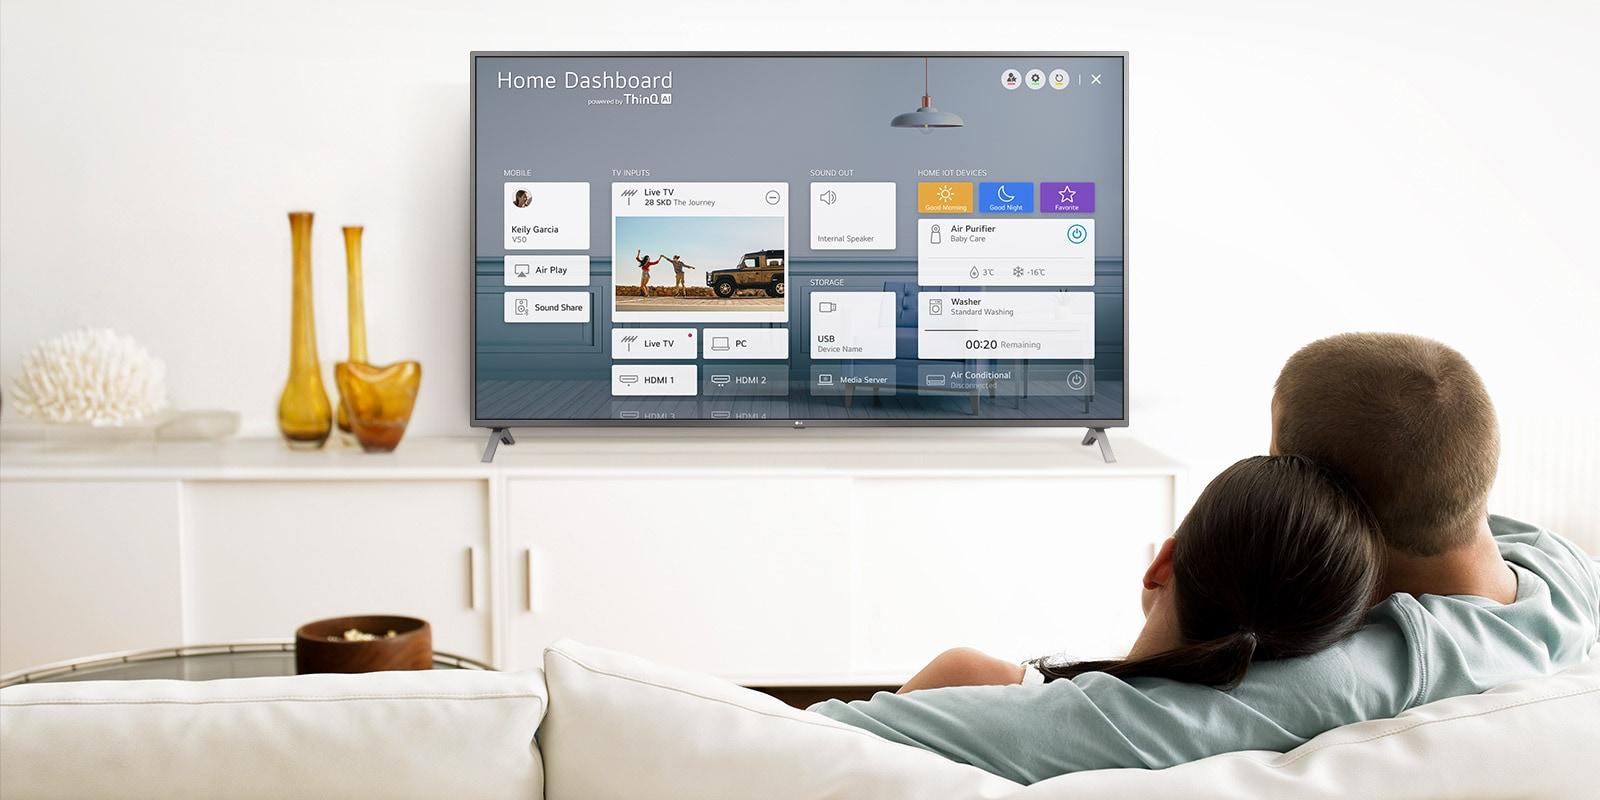 Ein Mann und eine Frau sitzen auf der Wohnzimmercouch und auf dem Fernsehbildschirm wird das Home Dashboard angezeigt.